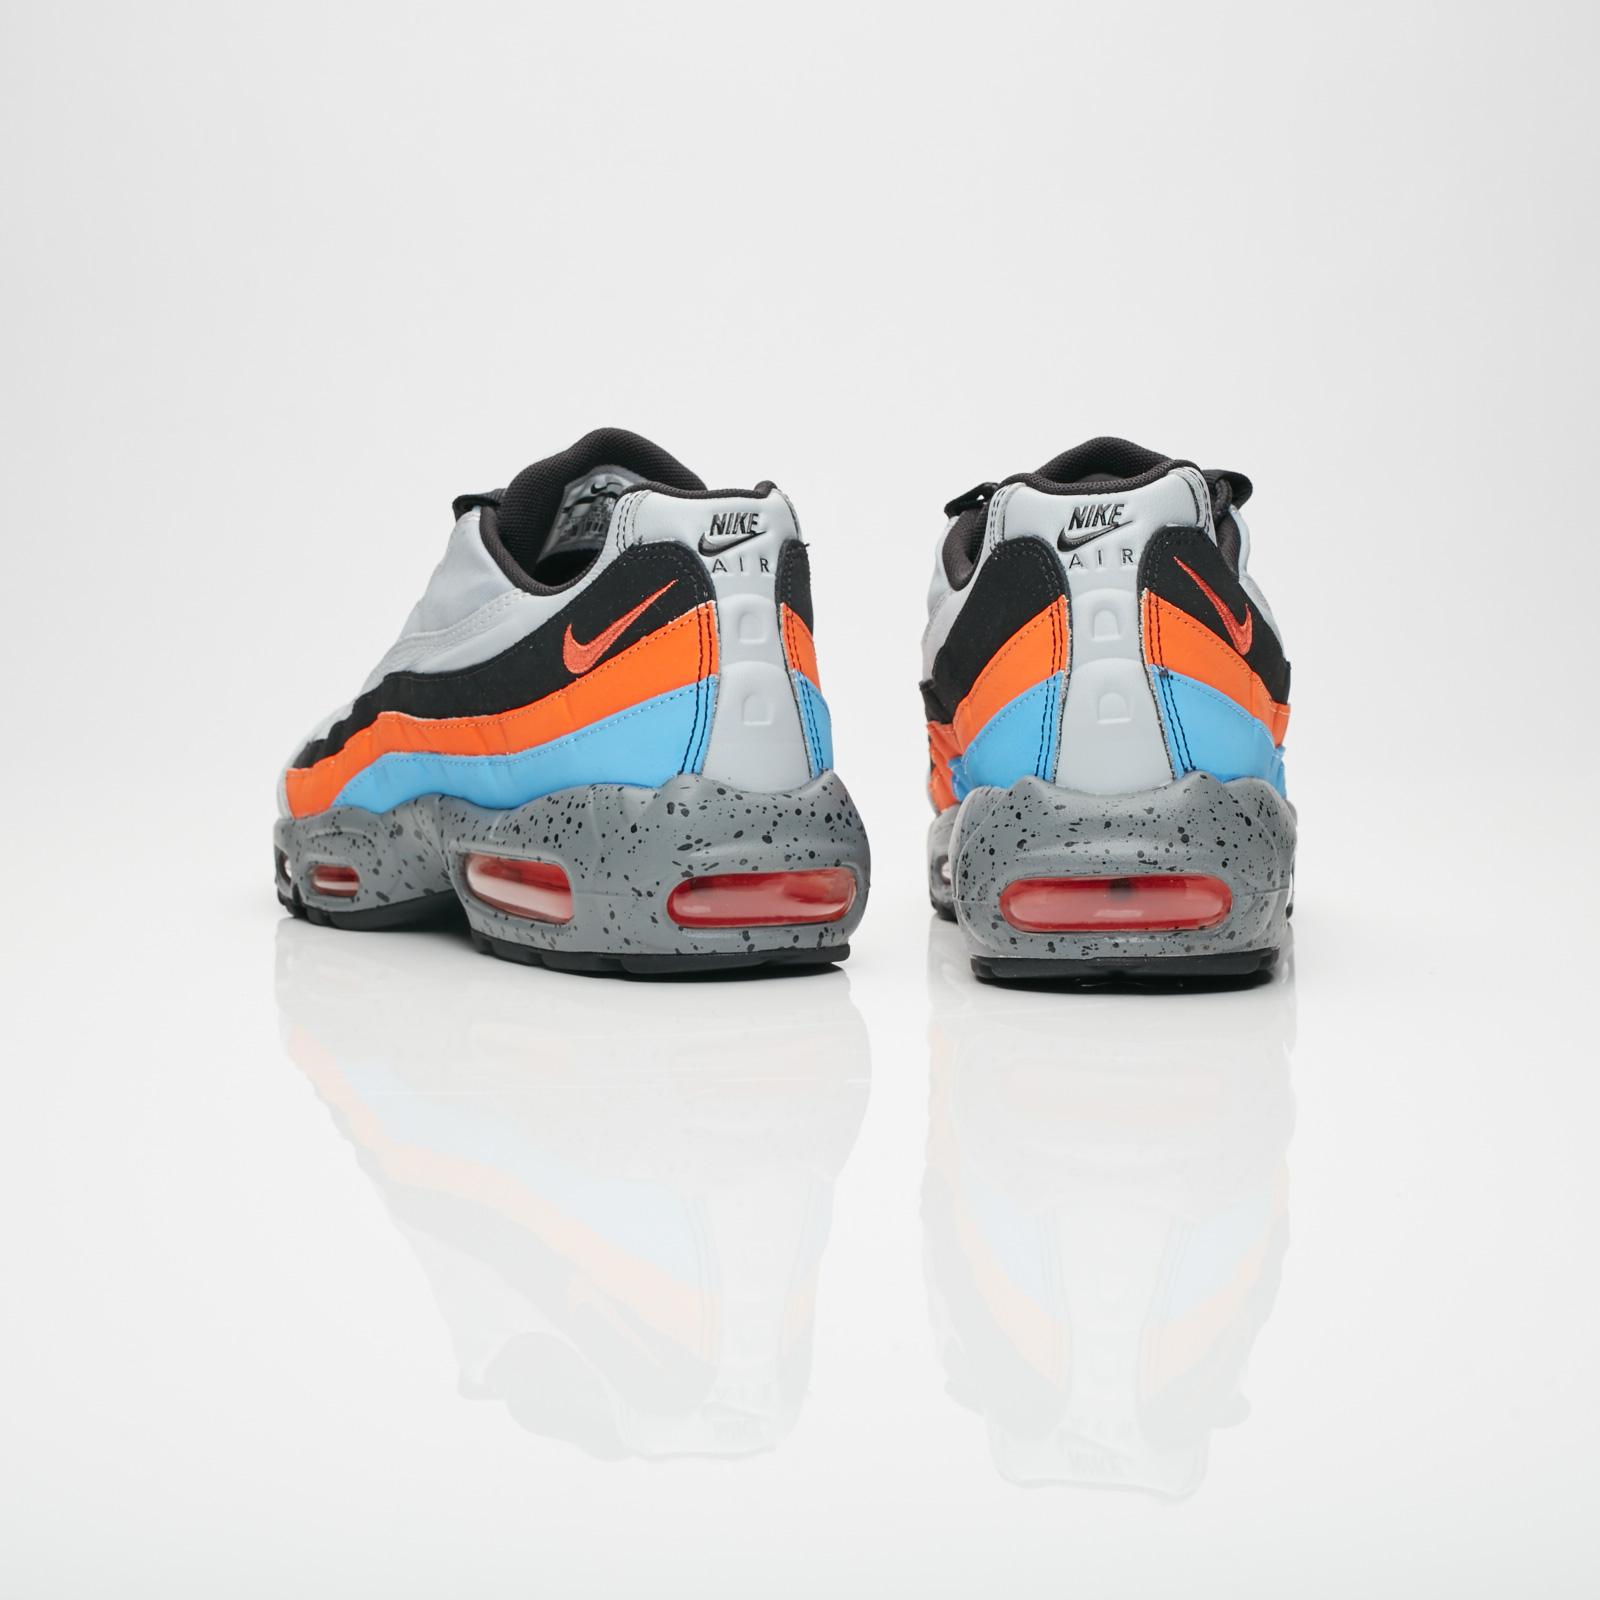 new style d12b0 1086c Nike Air Max 95 Premium - 538416-015 - Sneakersnstuff   sneakers    streetwear online since 1999